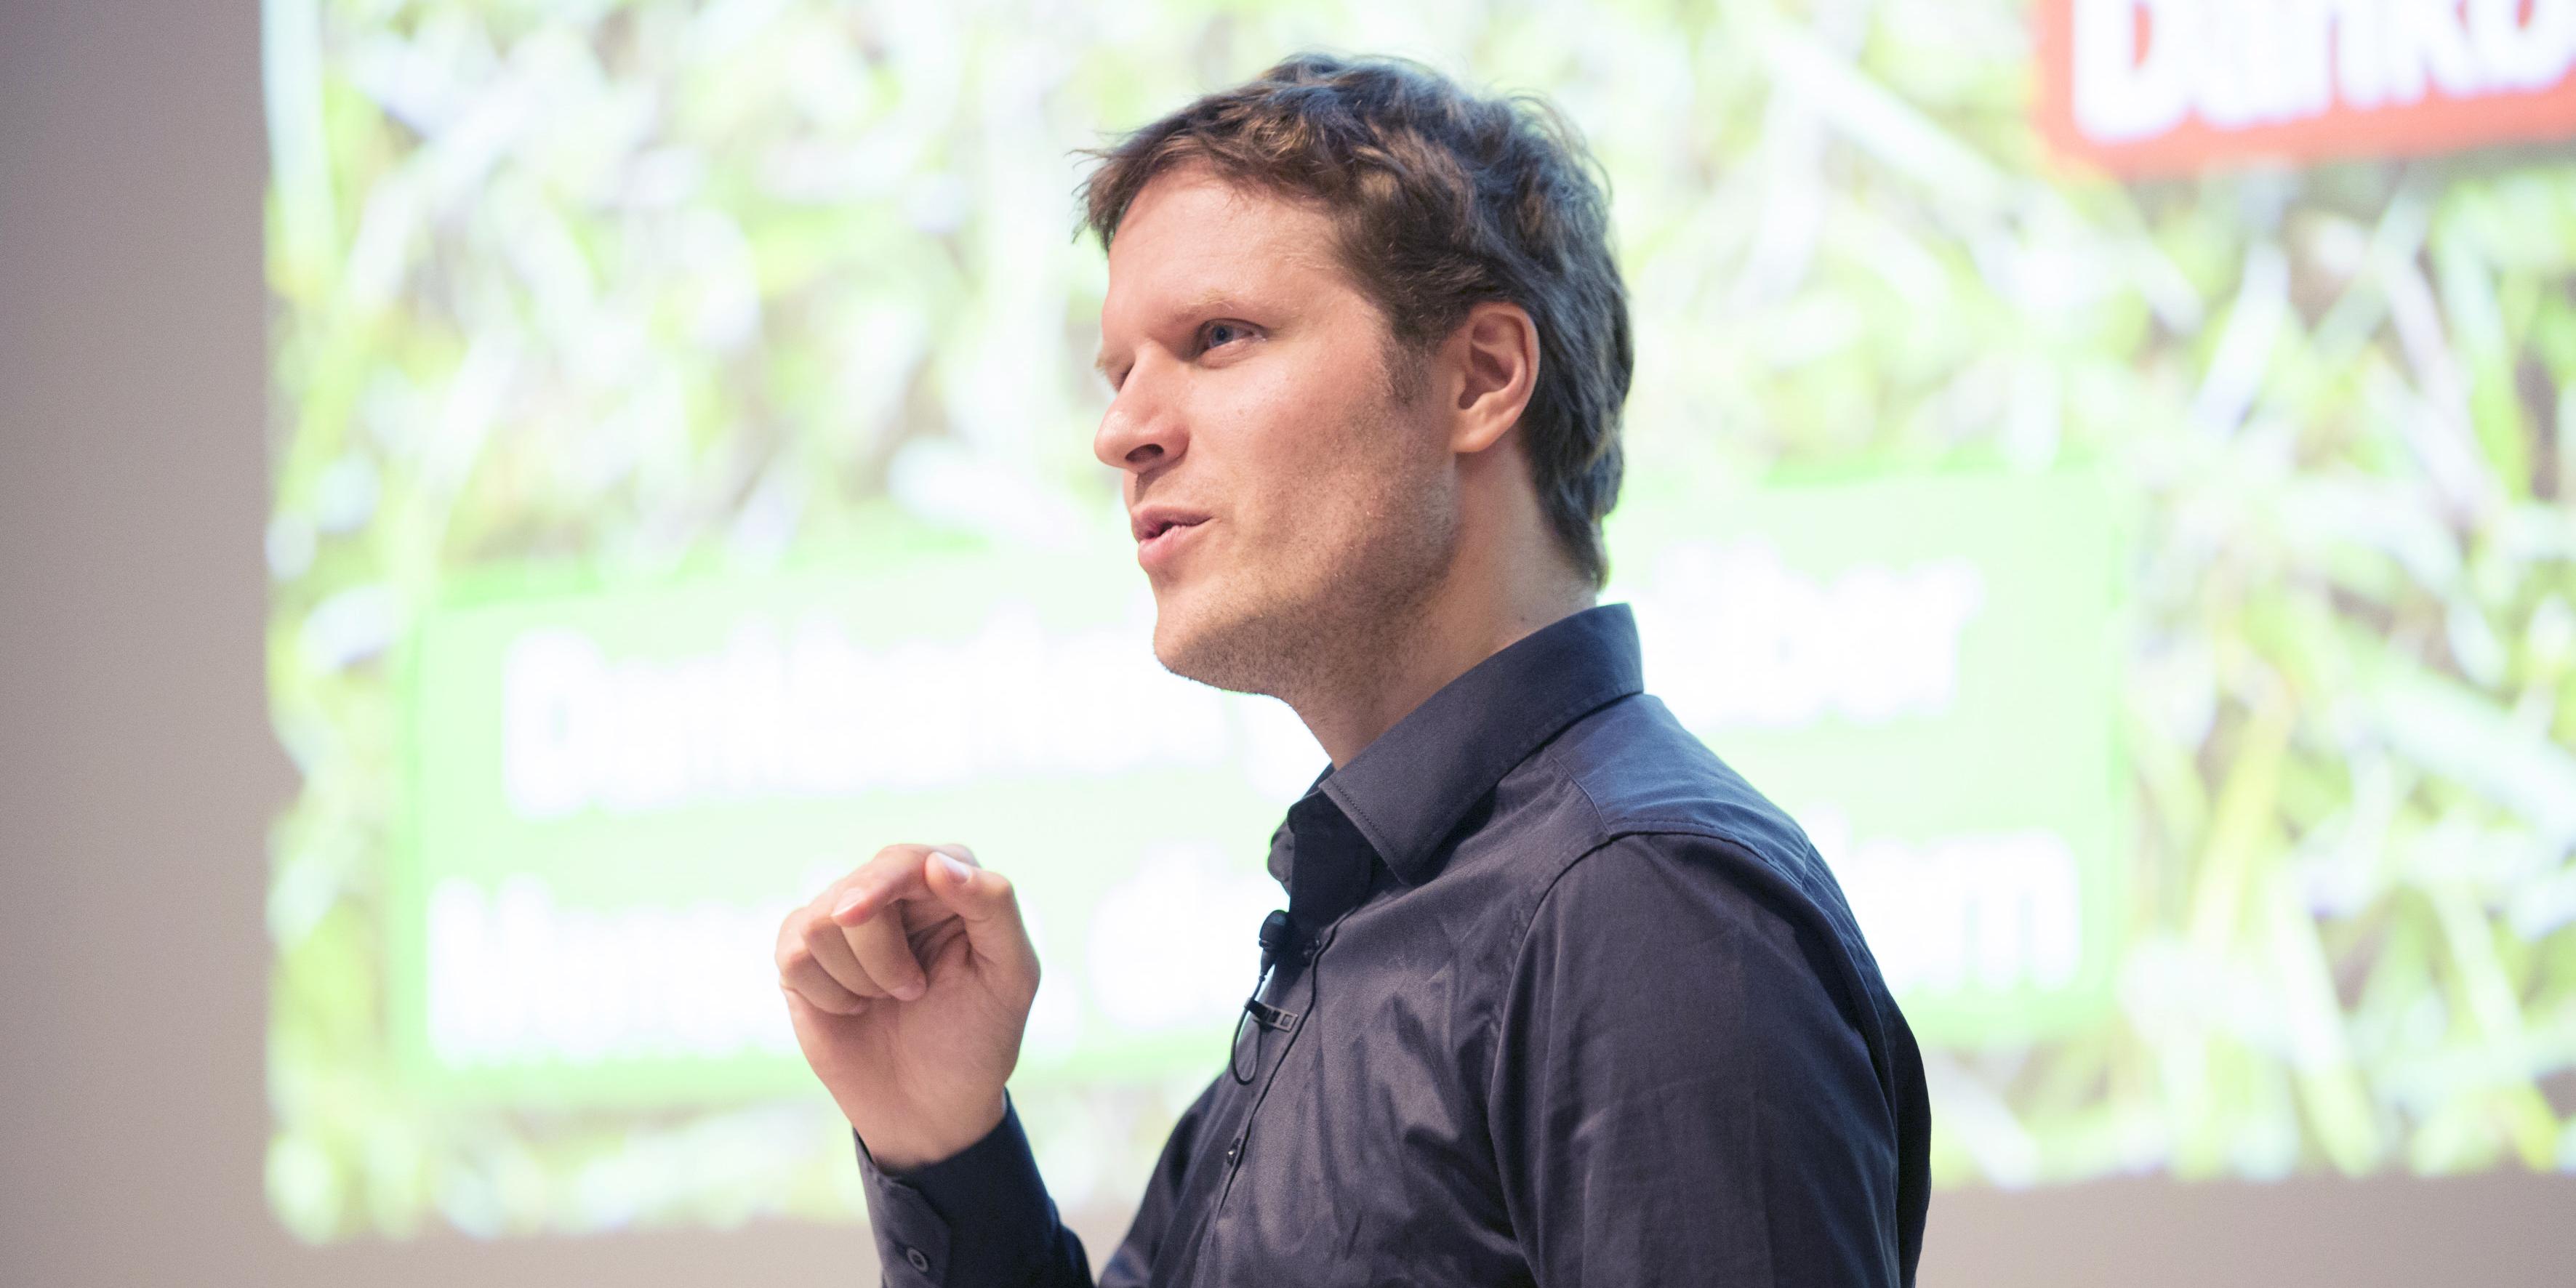 Vortrag Mentalstärke - Michael Tomoff